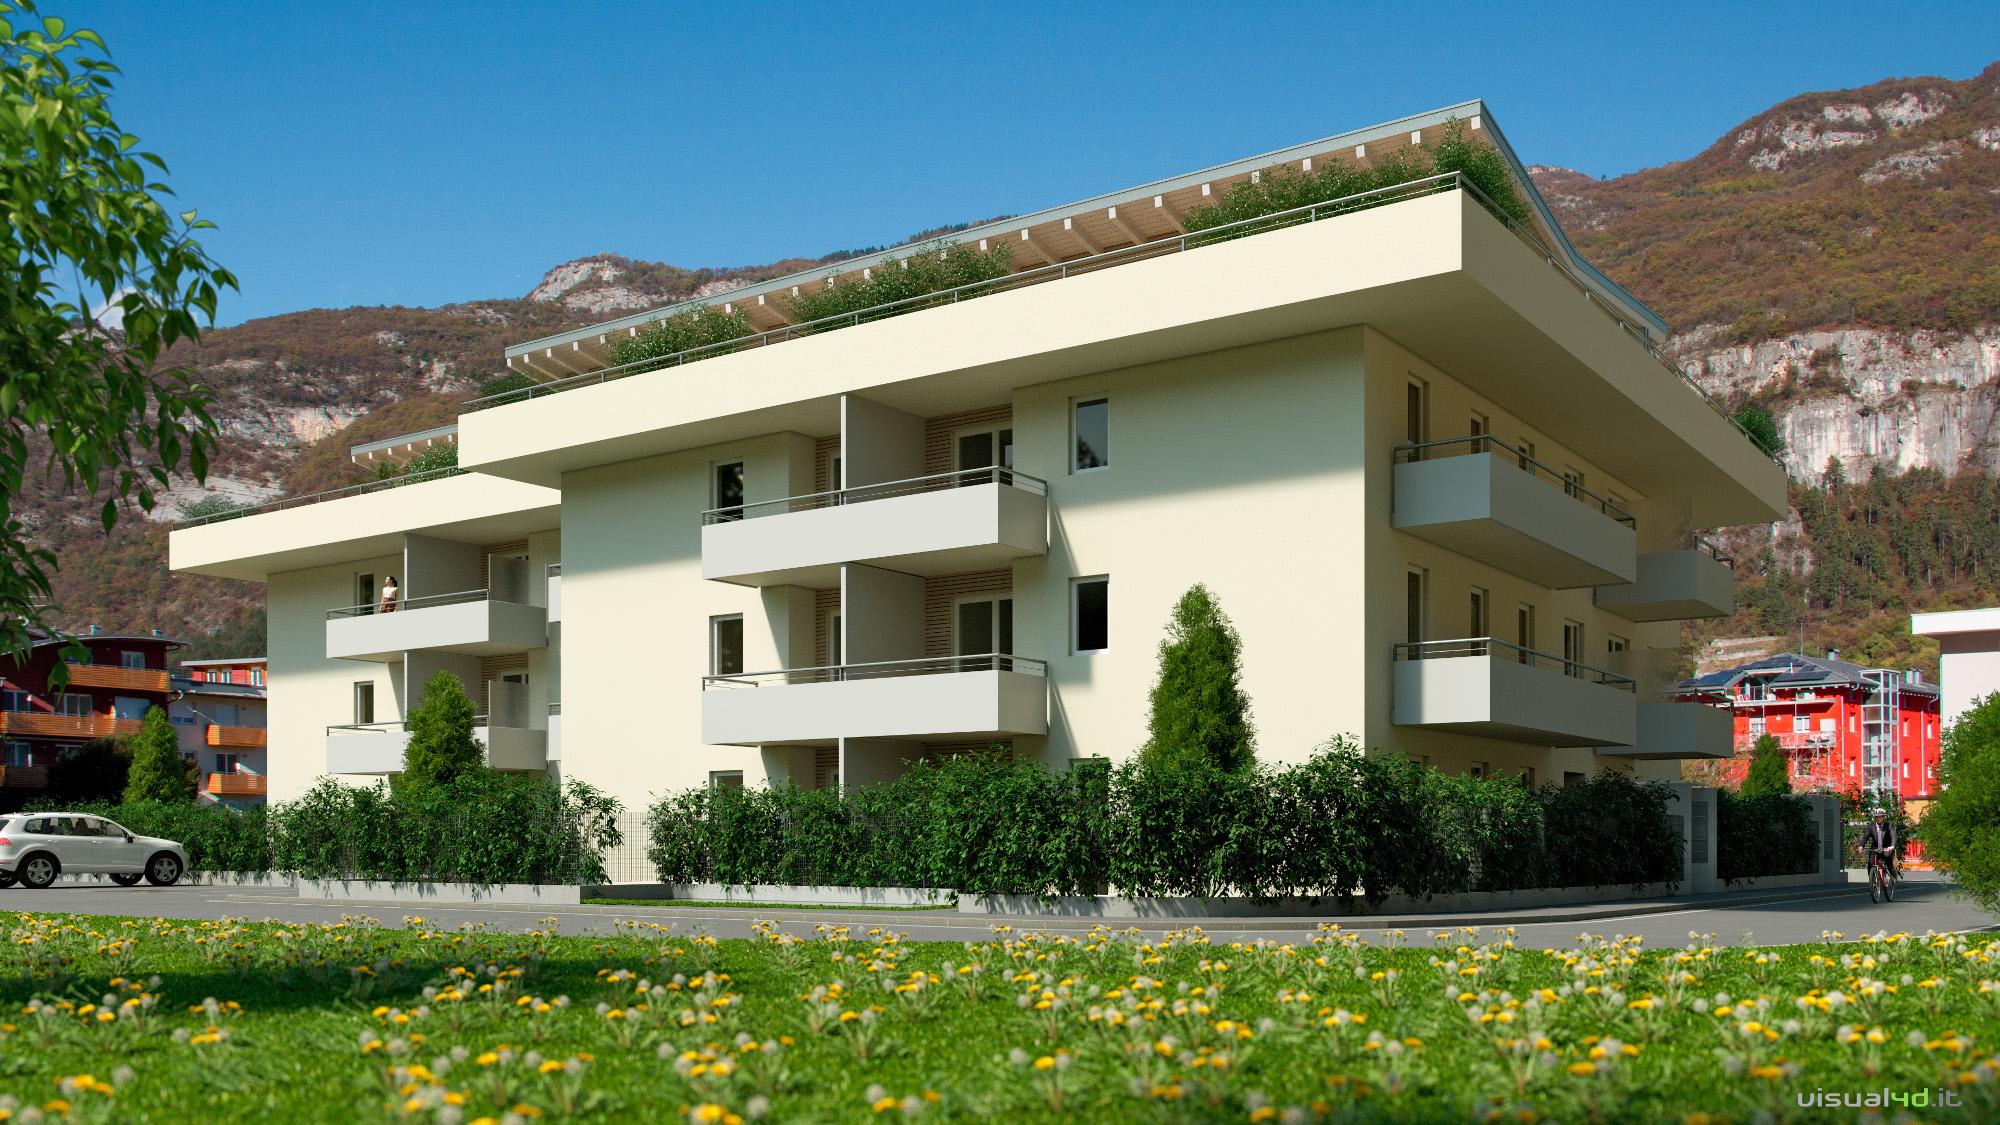 Appartamento D20 – Residenza Mori2 | Mori, Via del Garda